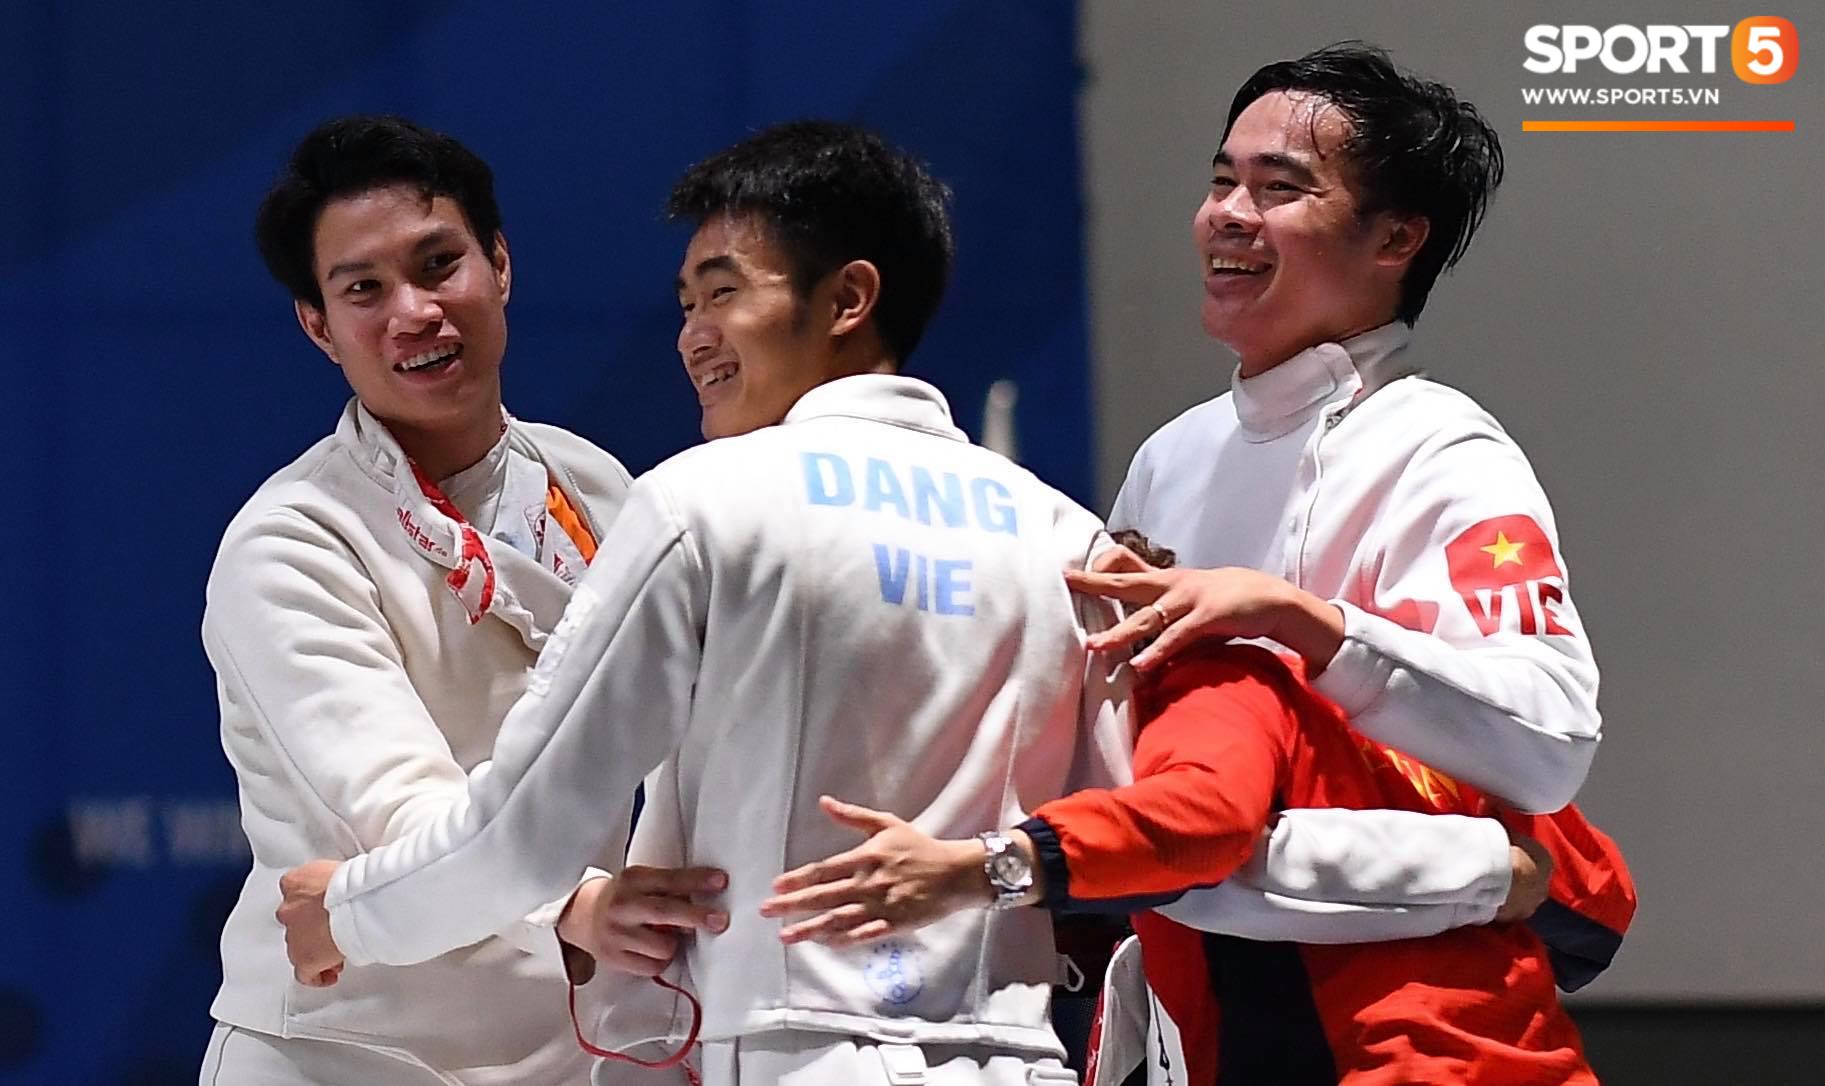 SEA Games ngày 8/12: Nữ hoàng điền kinh Tú Chinh vượt 2 VĐV nhập tịch trong tích tắc, xuất sắc giành HCV chung cuộc - Ảnh 37.